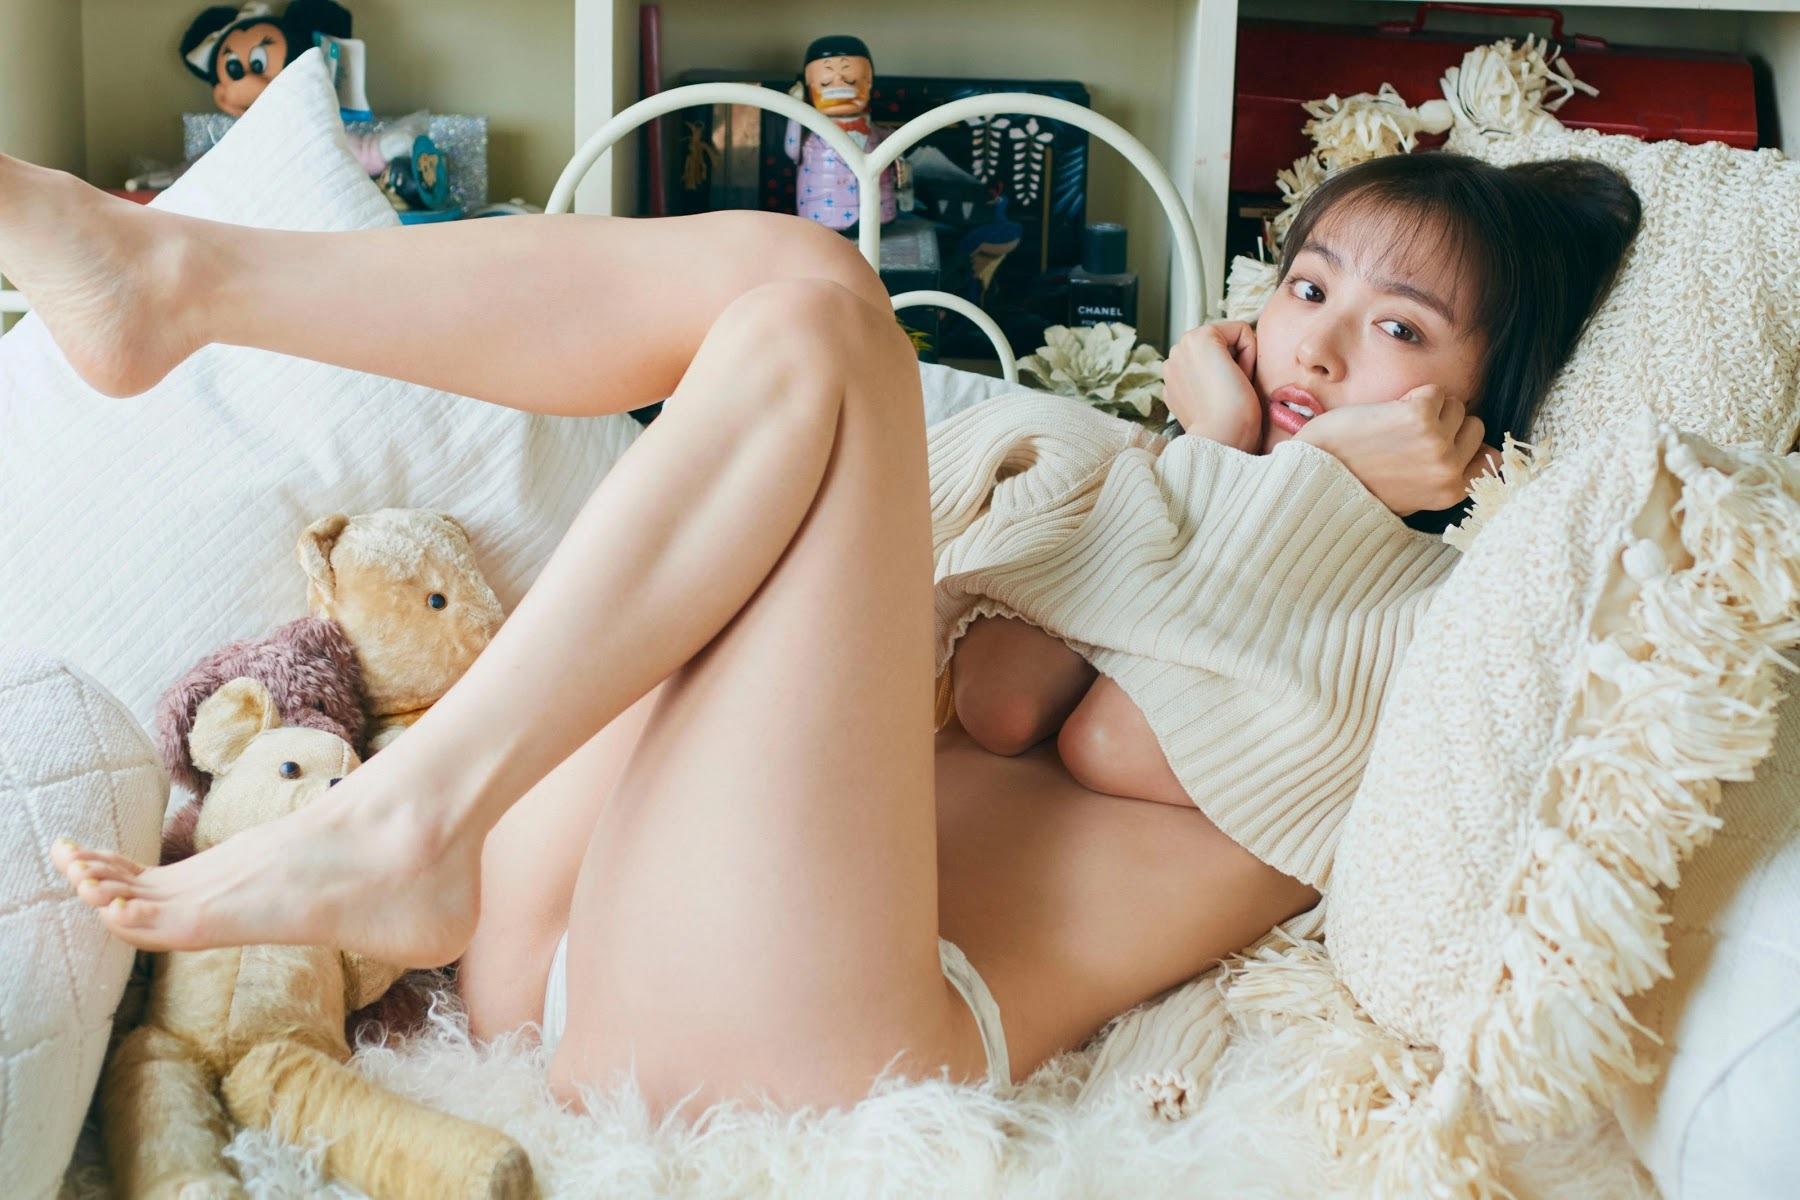 松本真理香 樱井音乃 羽柴なつみ-Weekly Playboy 2021第23期 高清套图 第41张